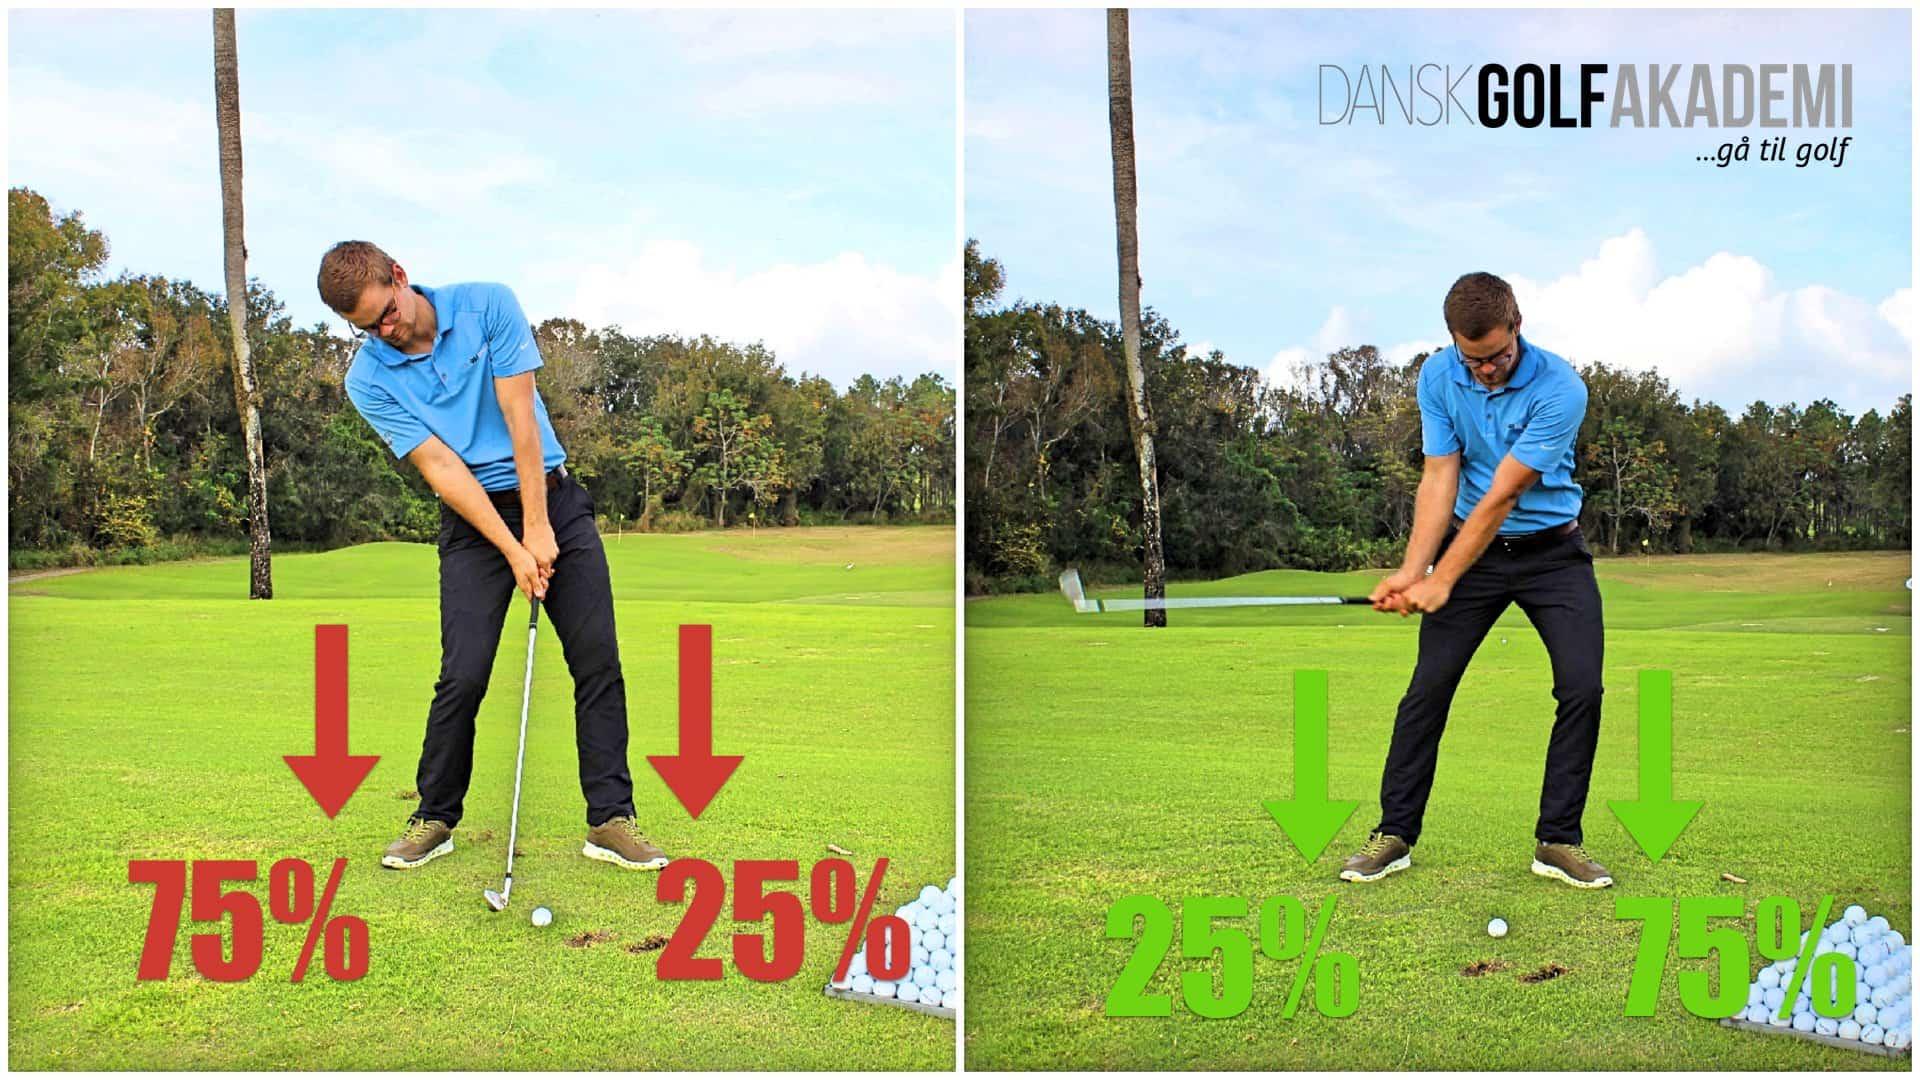 Slår i jorden i golf - vægtfordeling